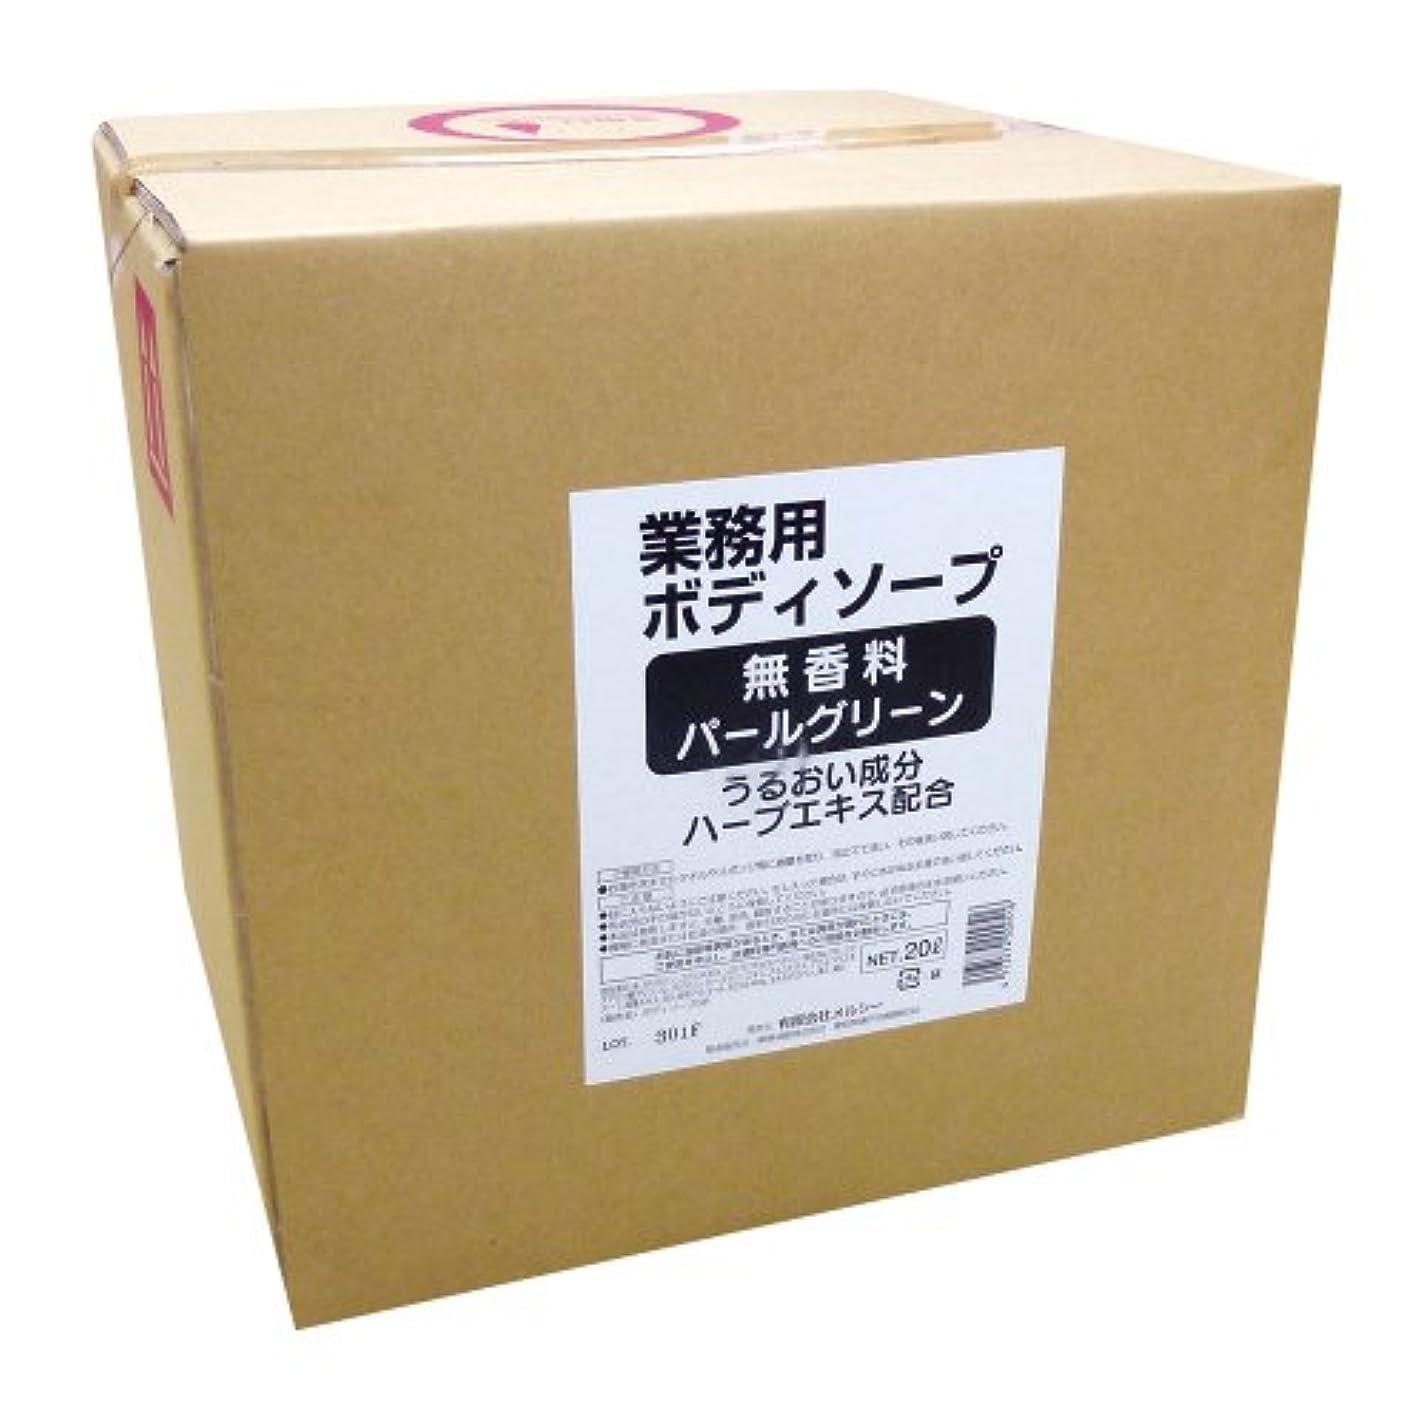 警告する古風な請願者【業務用】 無香料 ボディソープ 20L